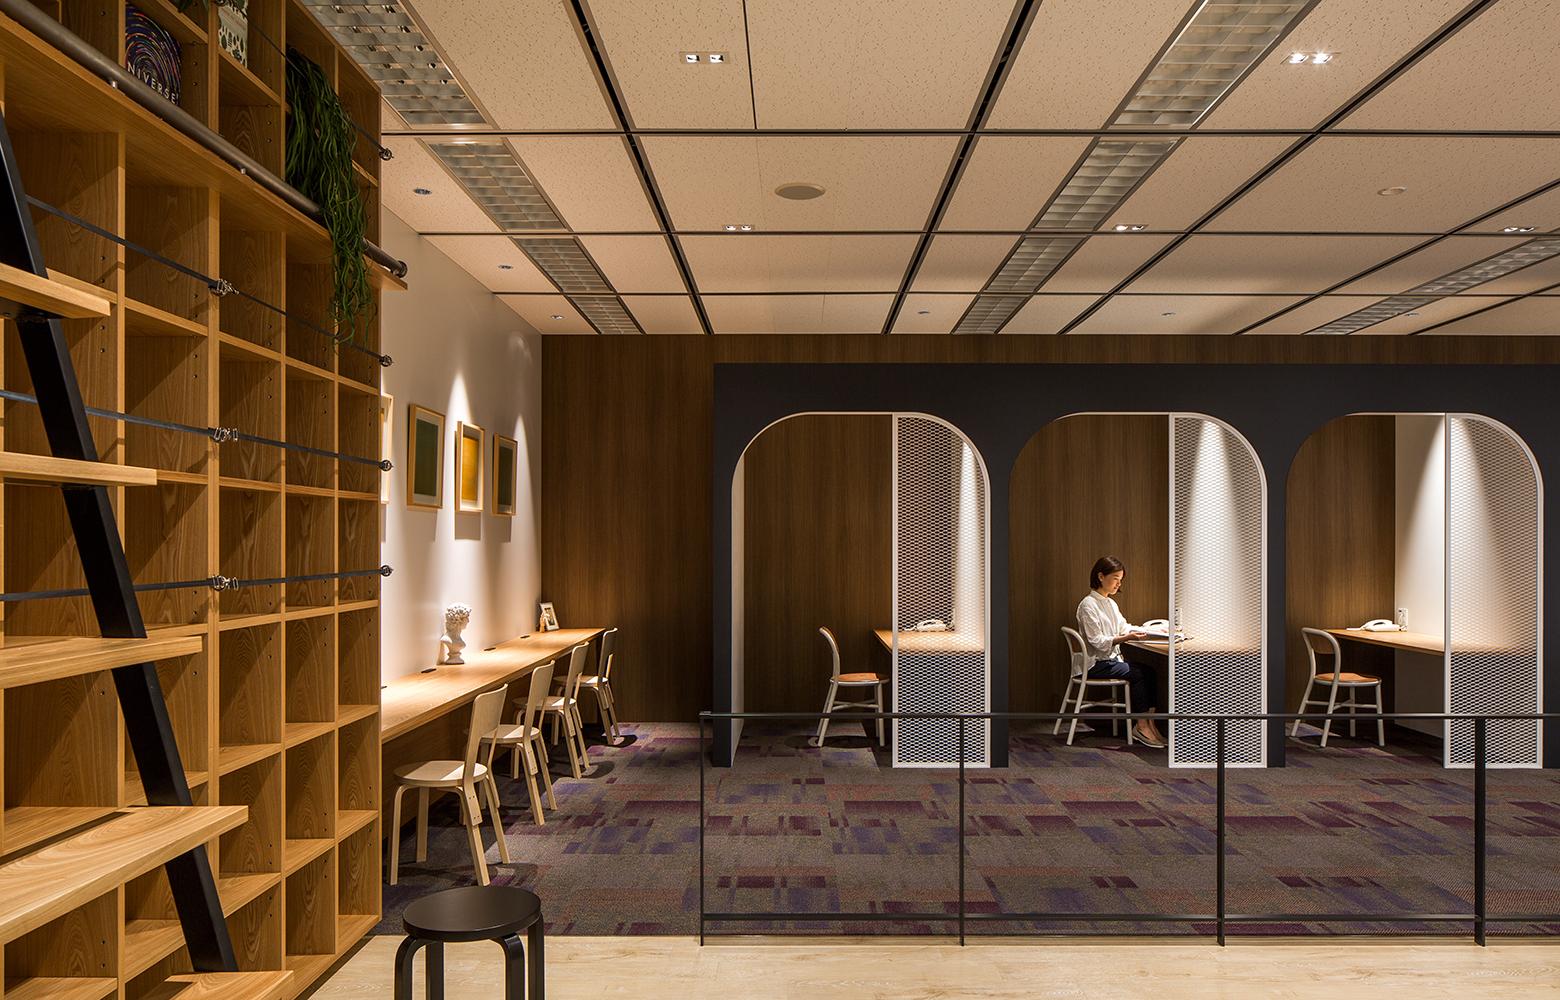 日本電信電話株式会社 横須賀研究開発センタ Personal Space_2 デザイン・レイアウト事例